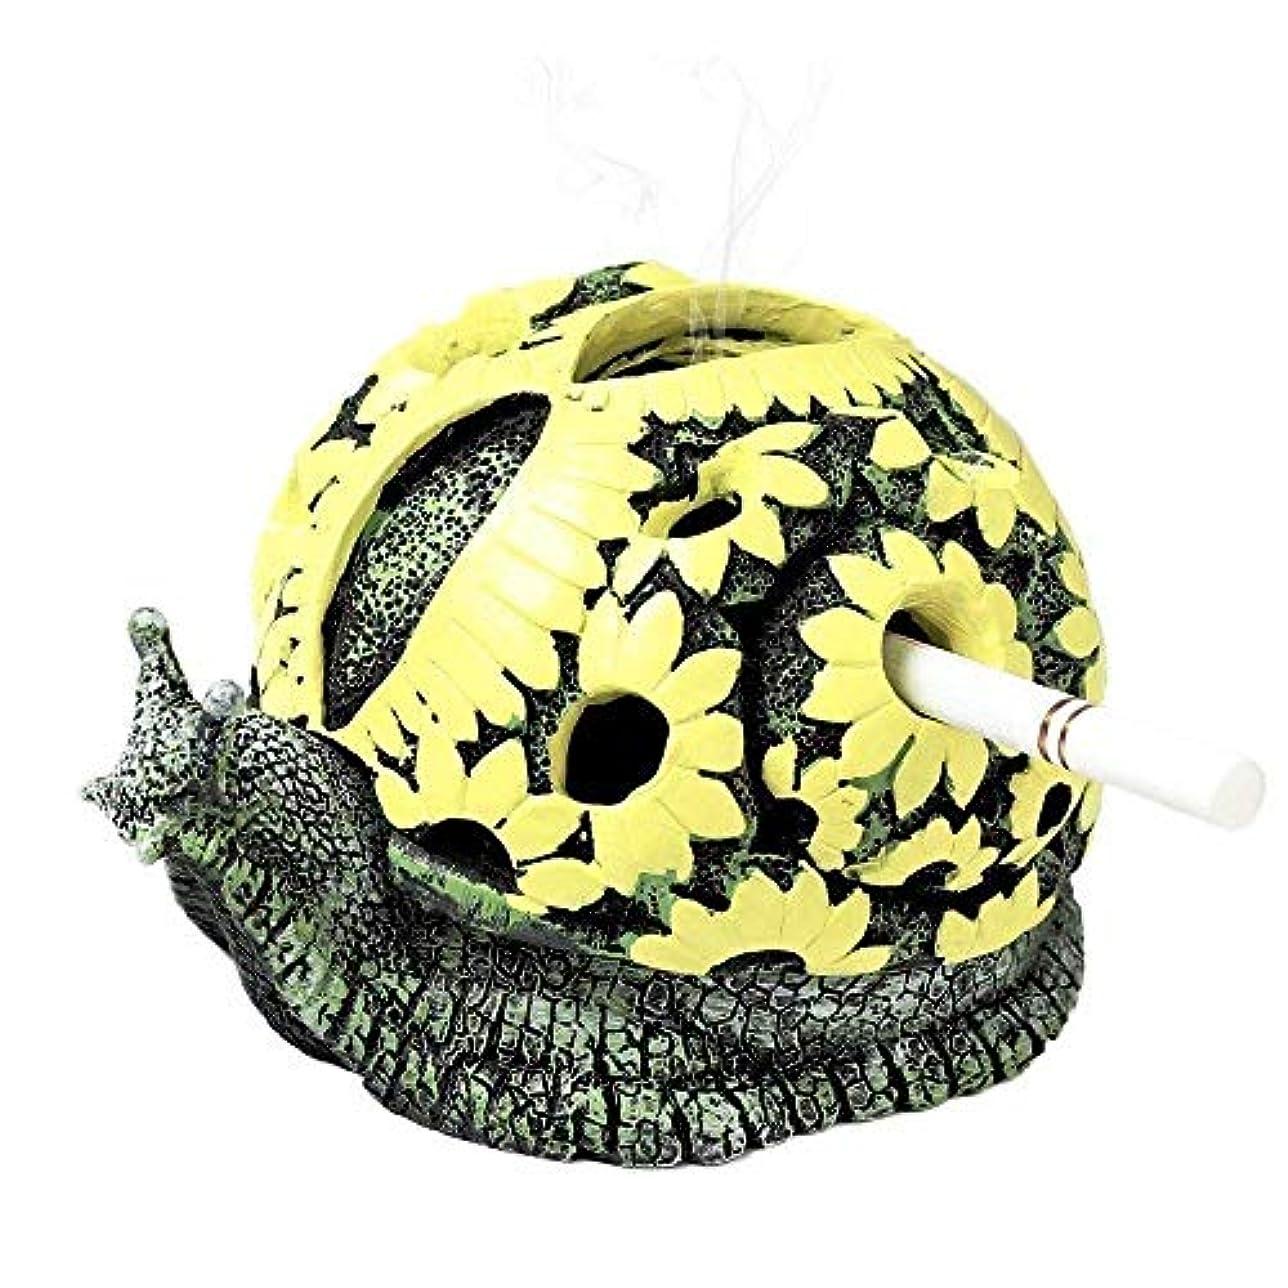 早く聖書銛モンスター灰皿クリエイティブカタツムリ灰皿工芸品の装飾クリエイティブタートル灰皿 (色 : Escargot)